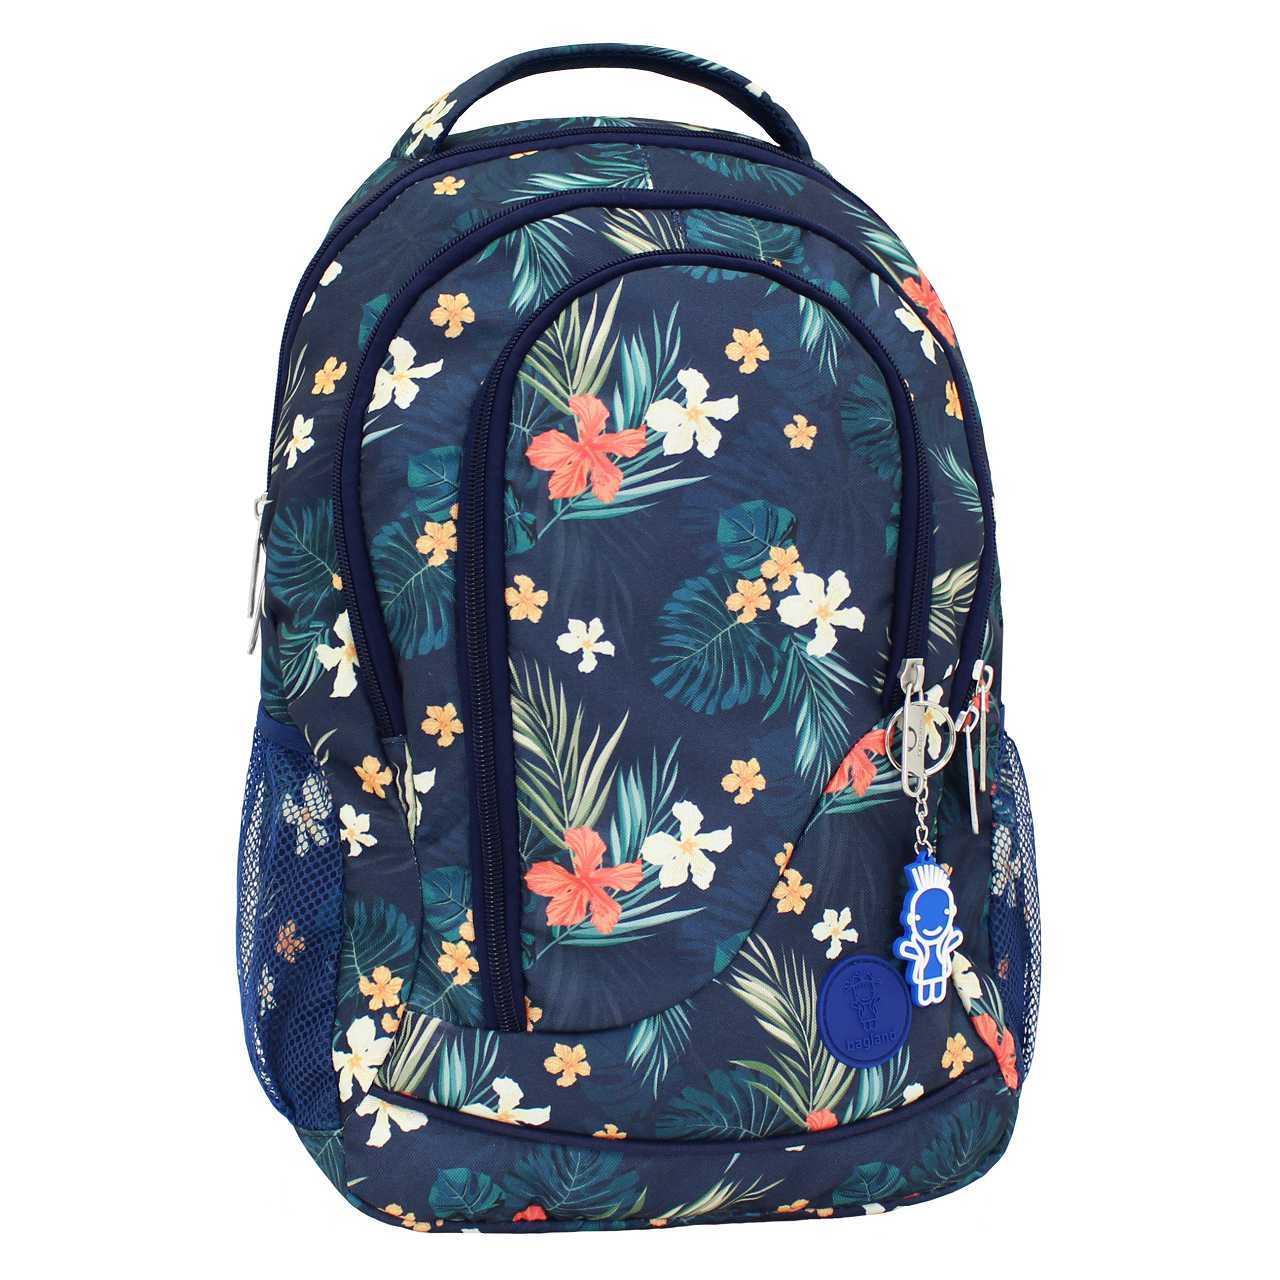 Городские рюкзаки Рюкзак Bagland Бис 19 л. сублимация (цветы) (00556664) IMG_7599.jpg